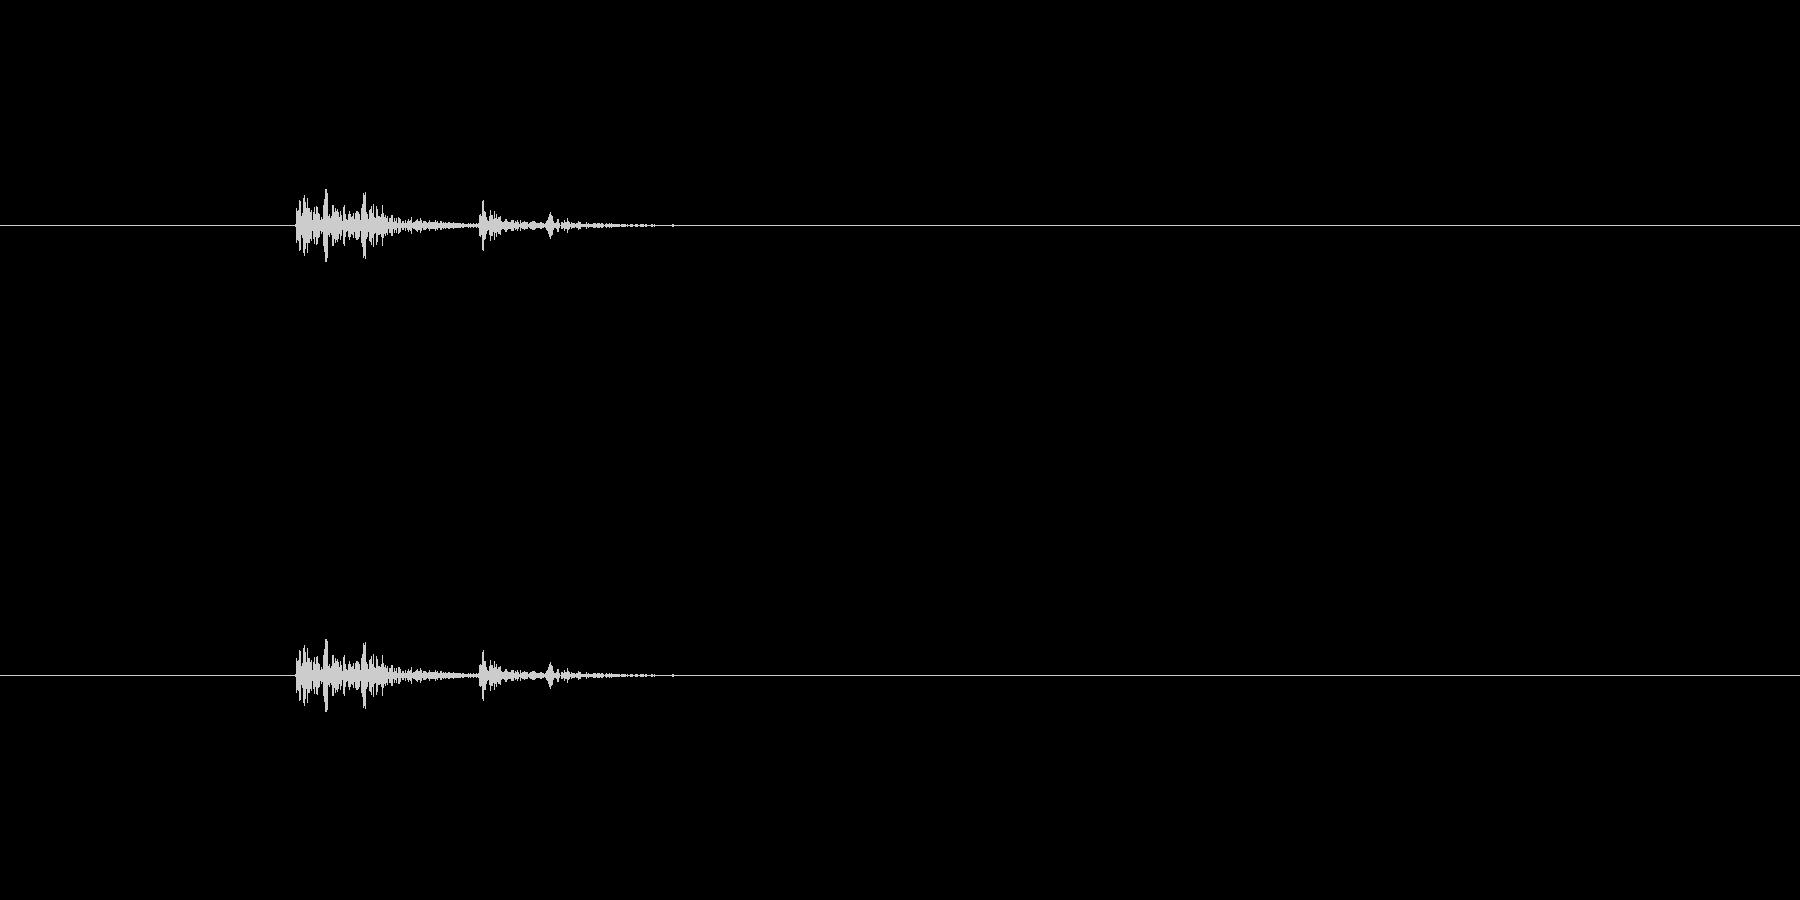 コトッ(物を置く音)の未再生の波形